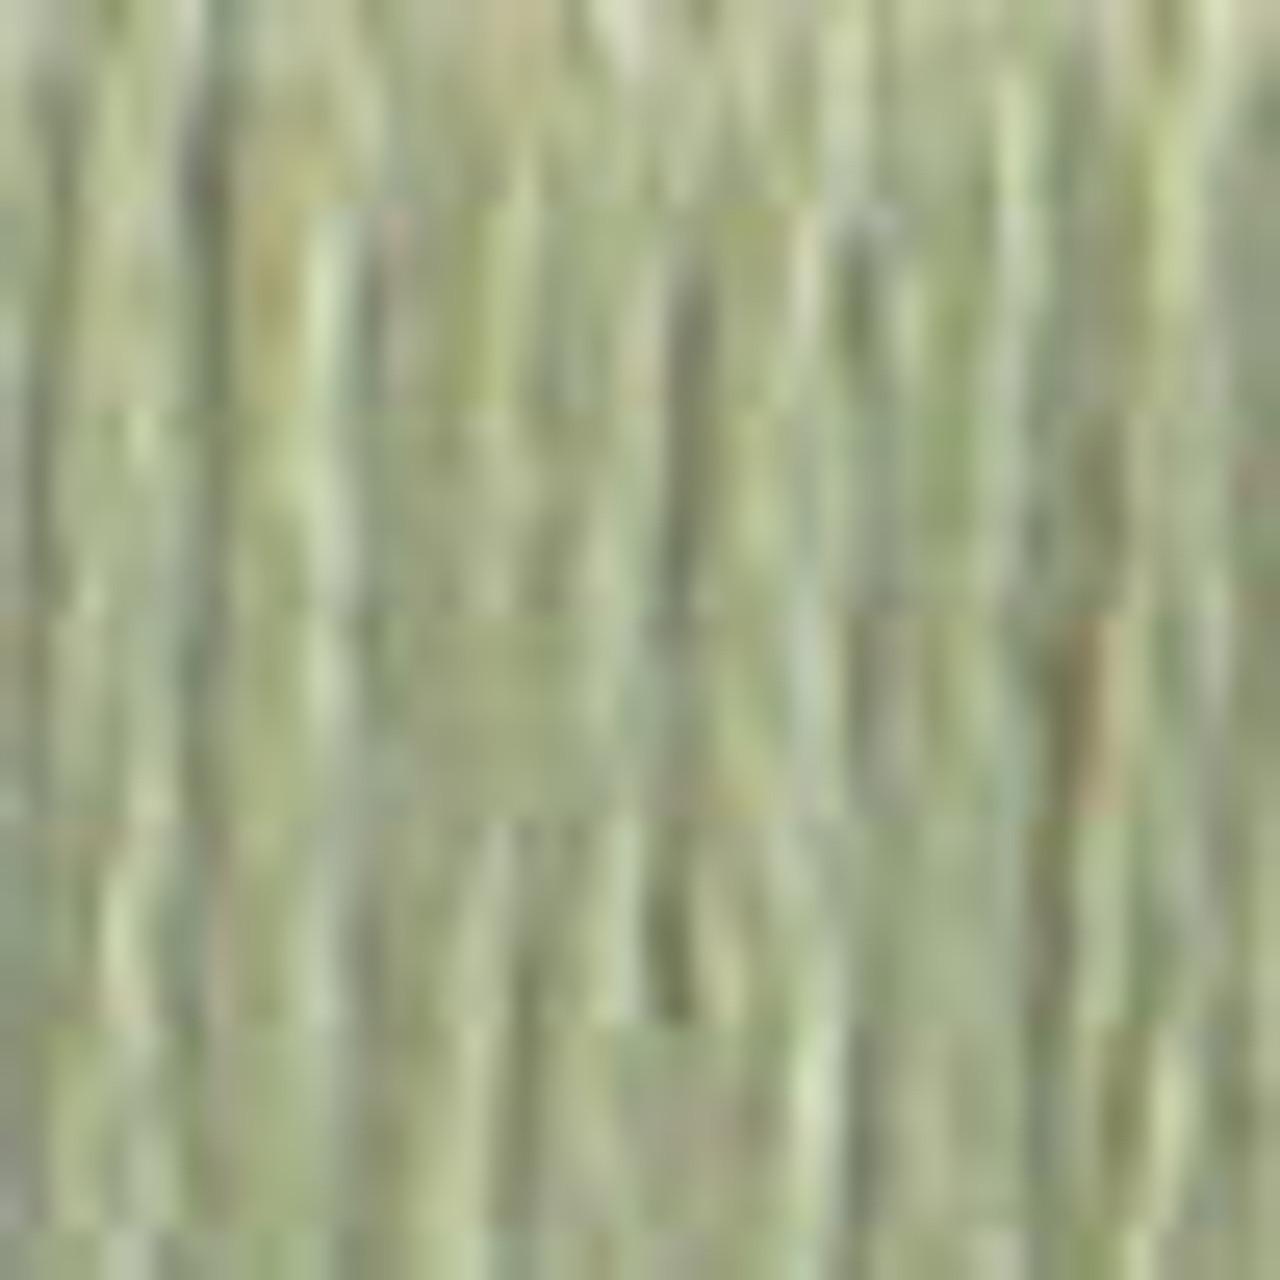 DMC # 523 Light Fern Green Floss / Thread